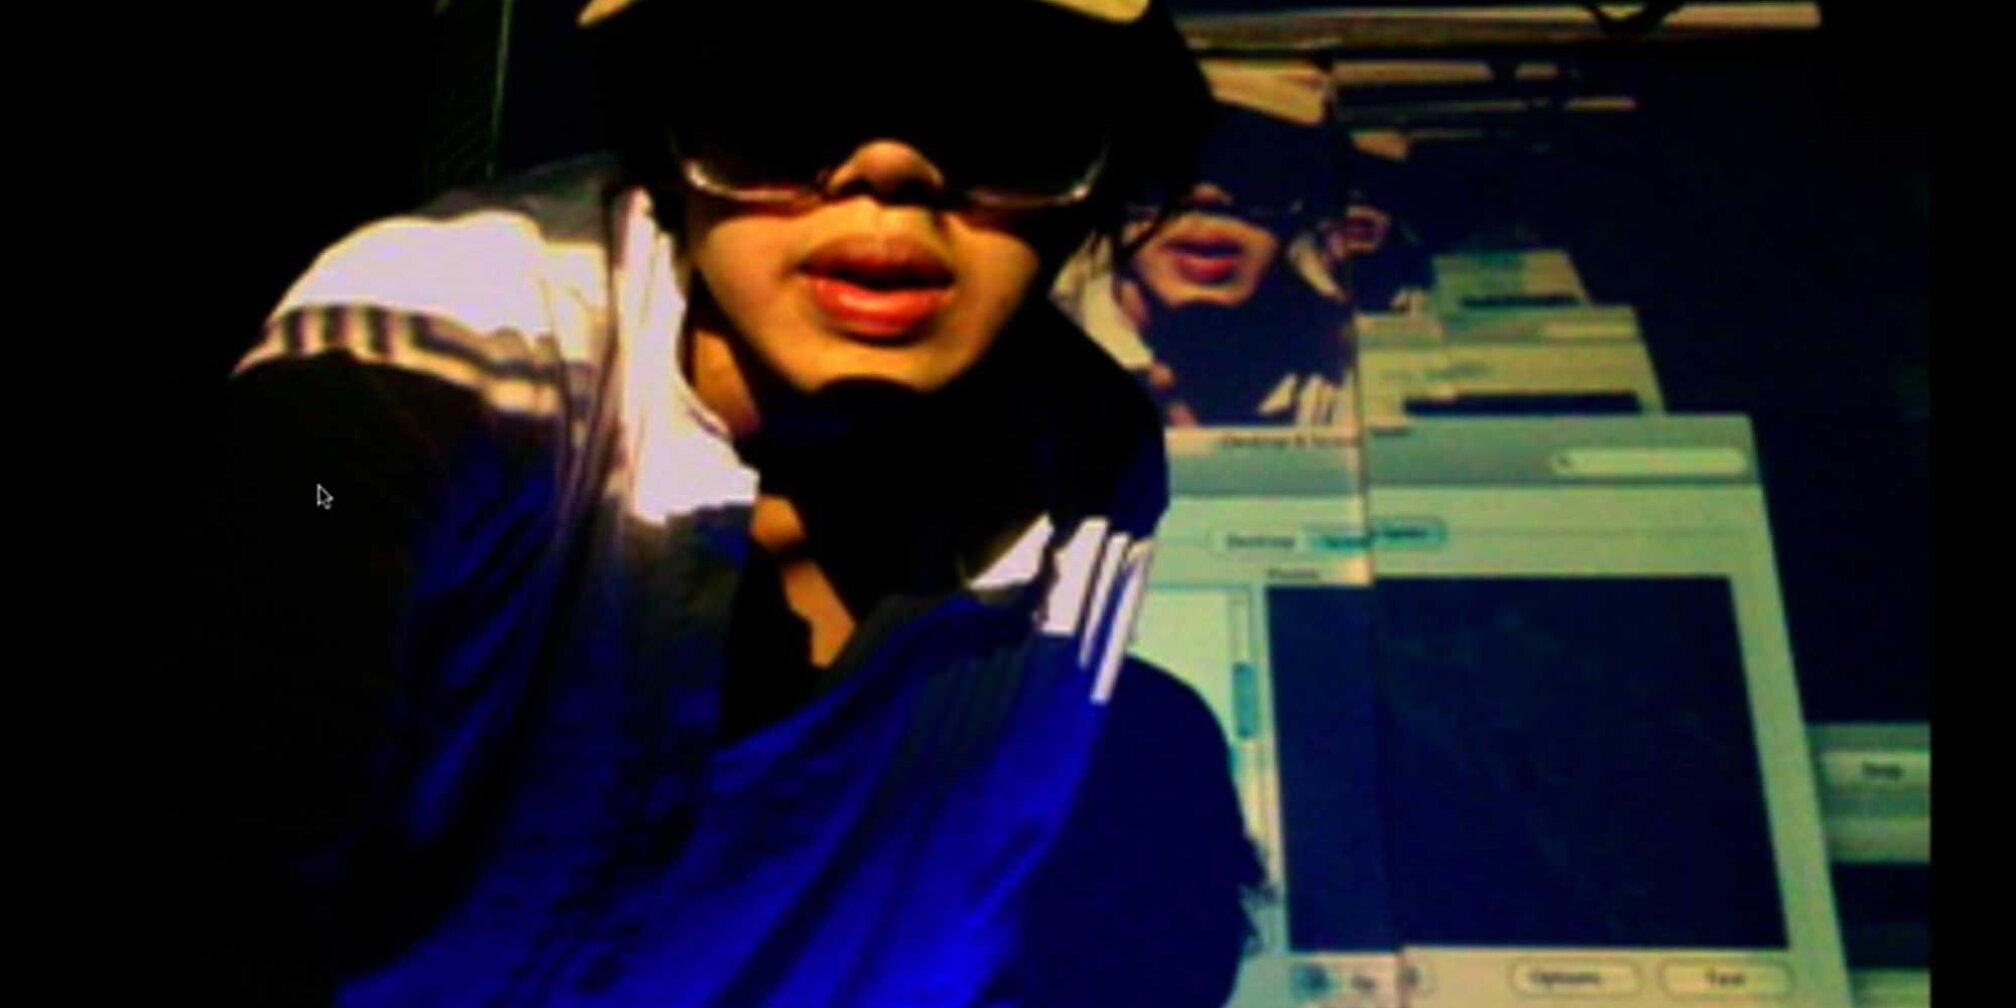 Trisha Baga, Madonna y El Niño, 2010 (still)